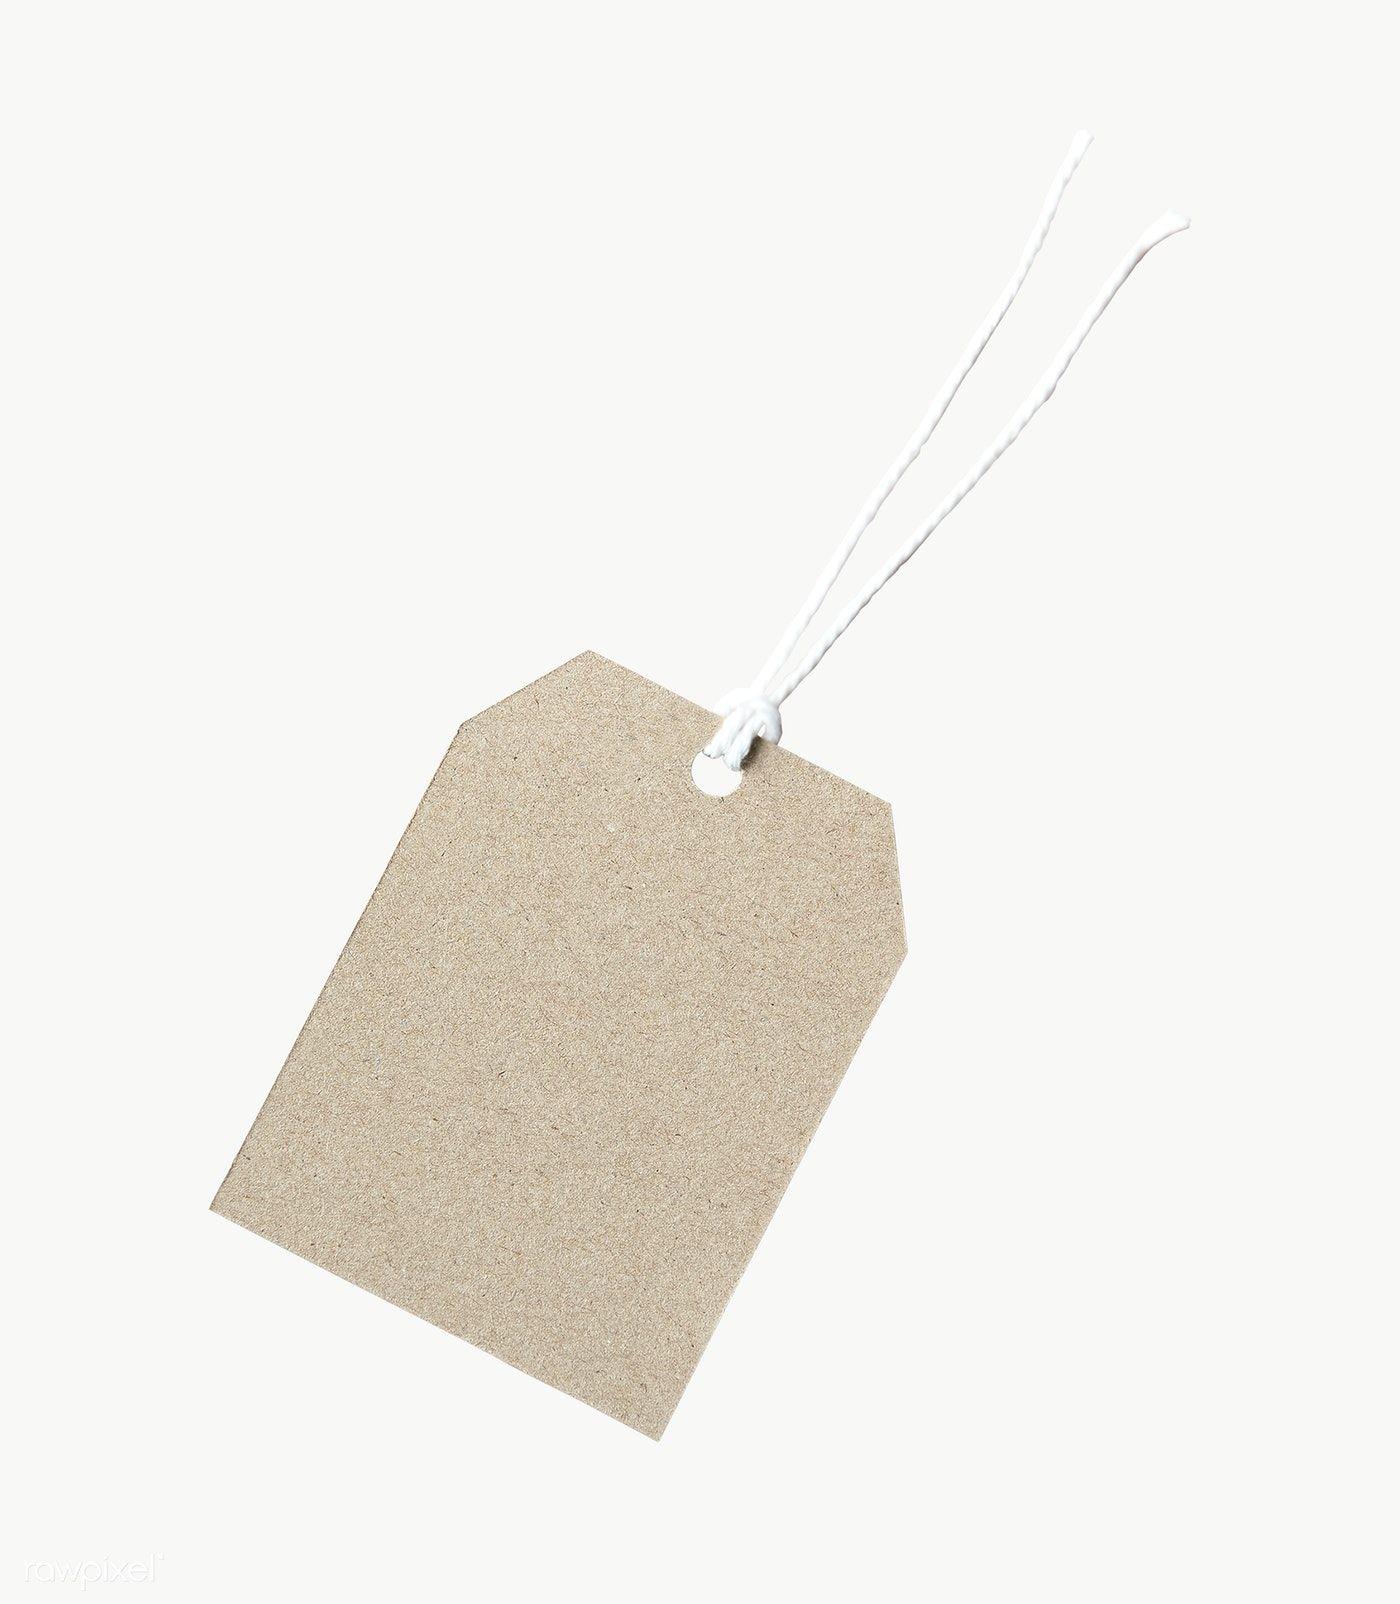 Paper Tag Mockup Premium Image By Rawpixel Com Nam Design Mockup Free Paper Tags Price Tag Design